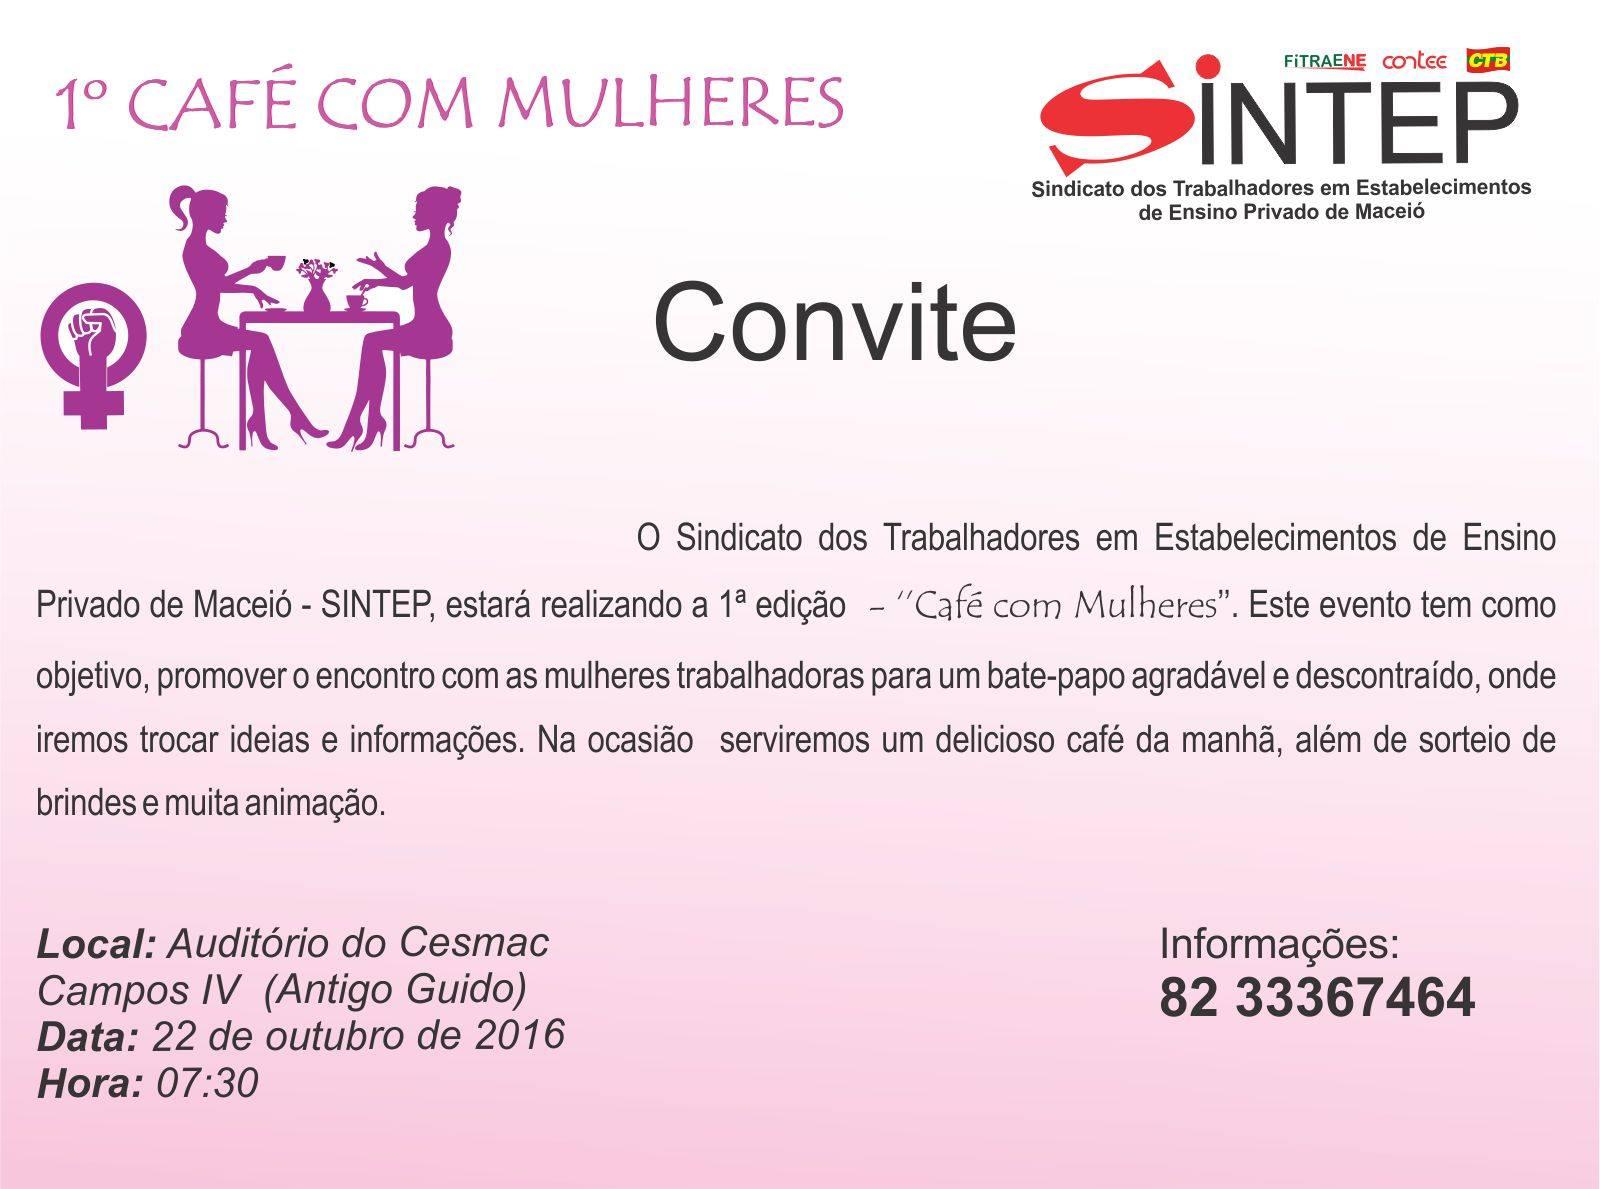 sintep al cafe com mulheres convite